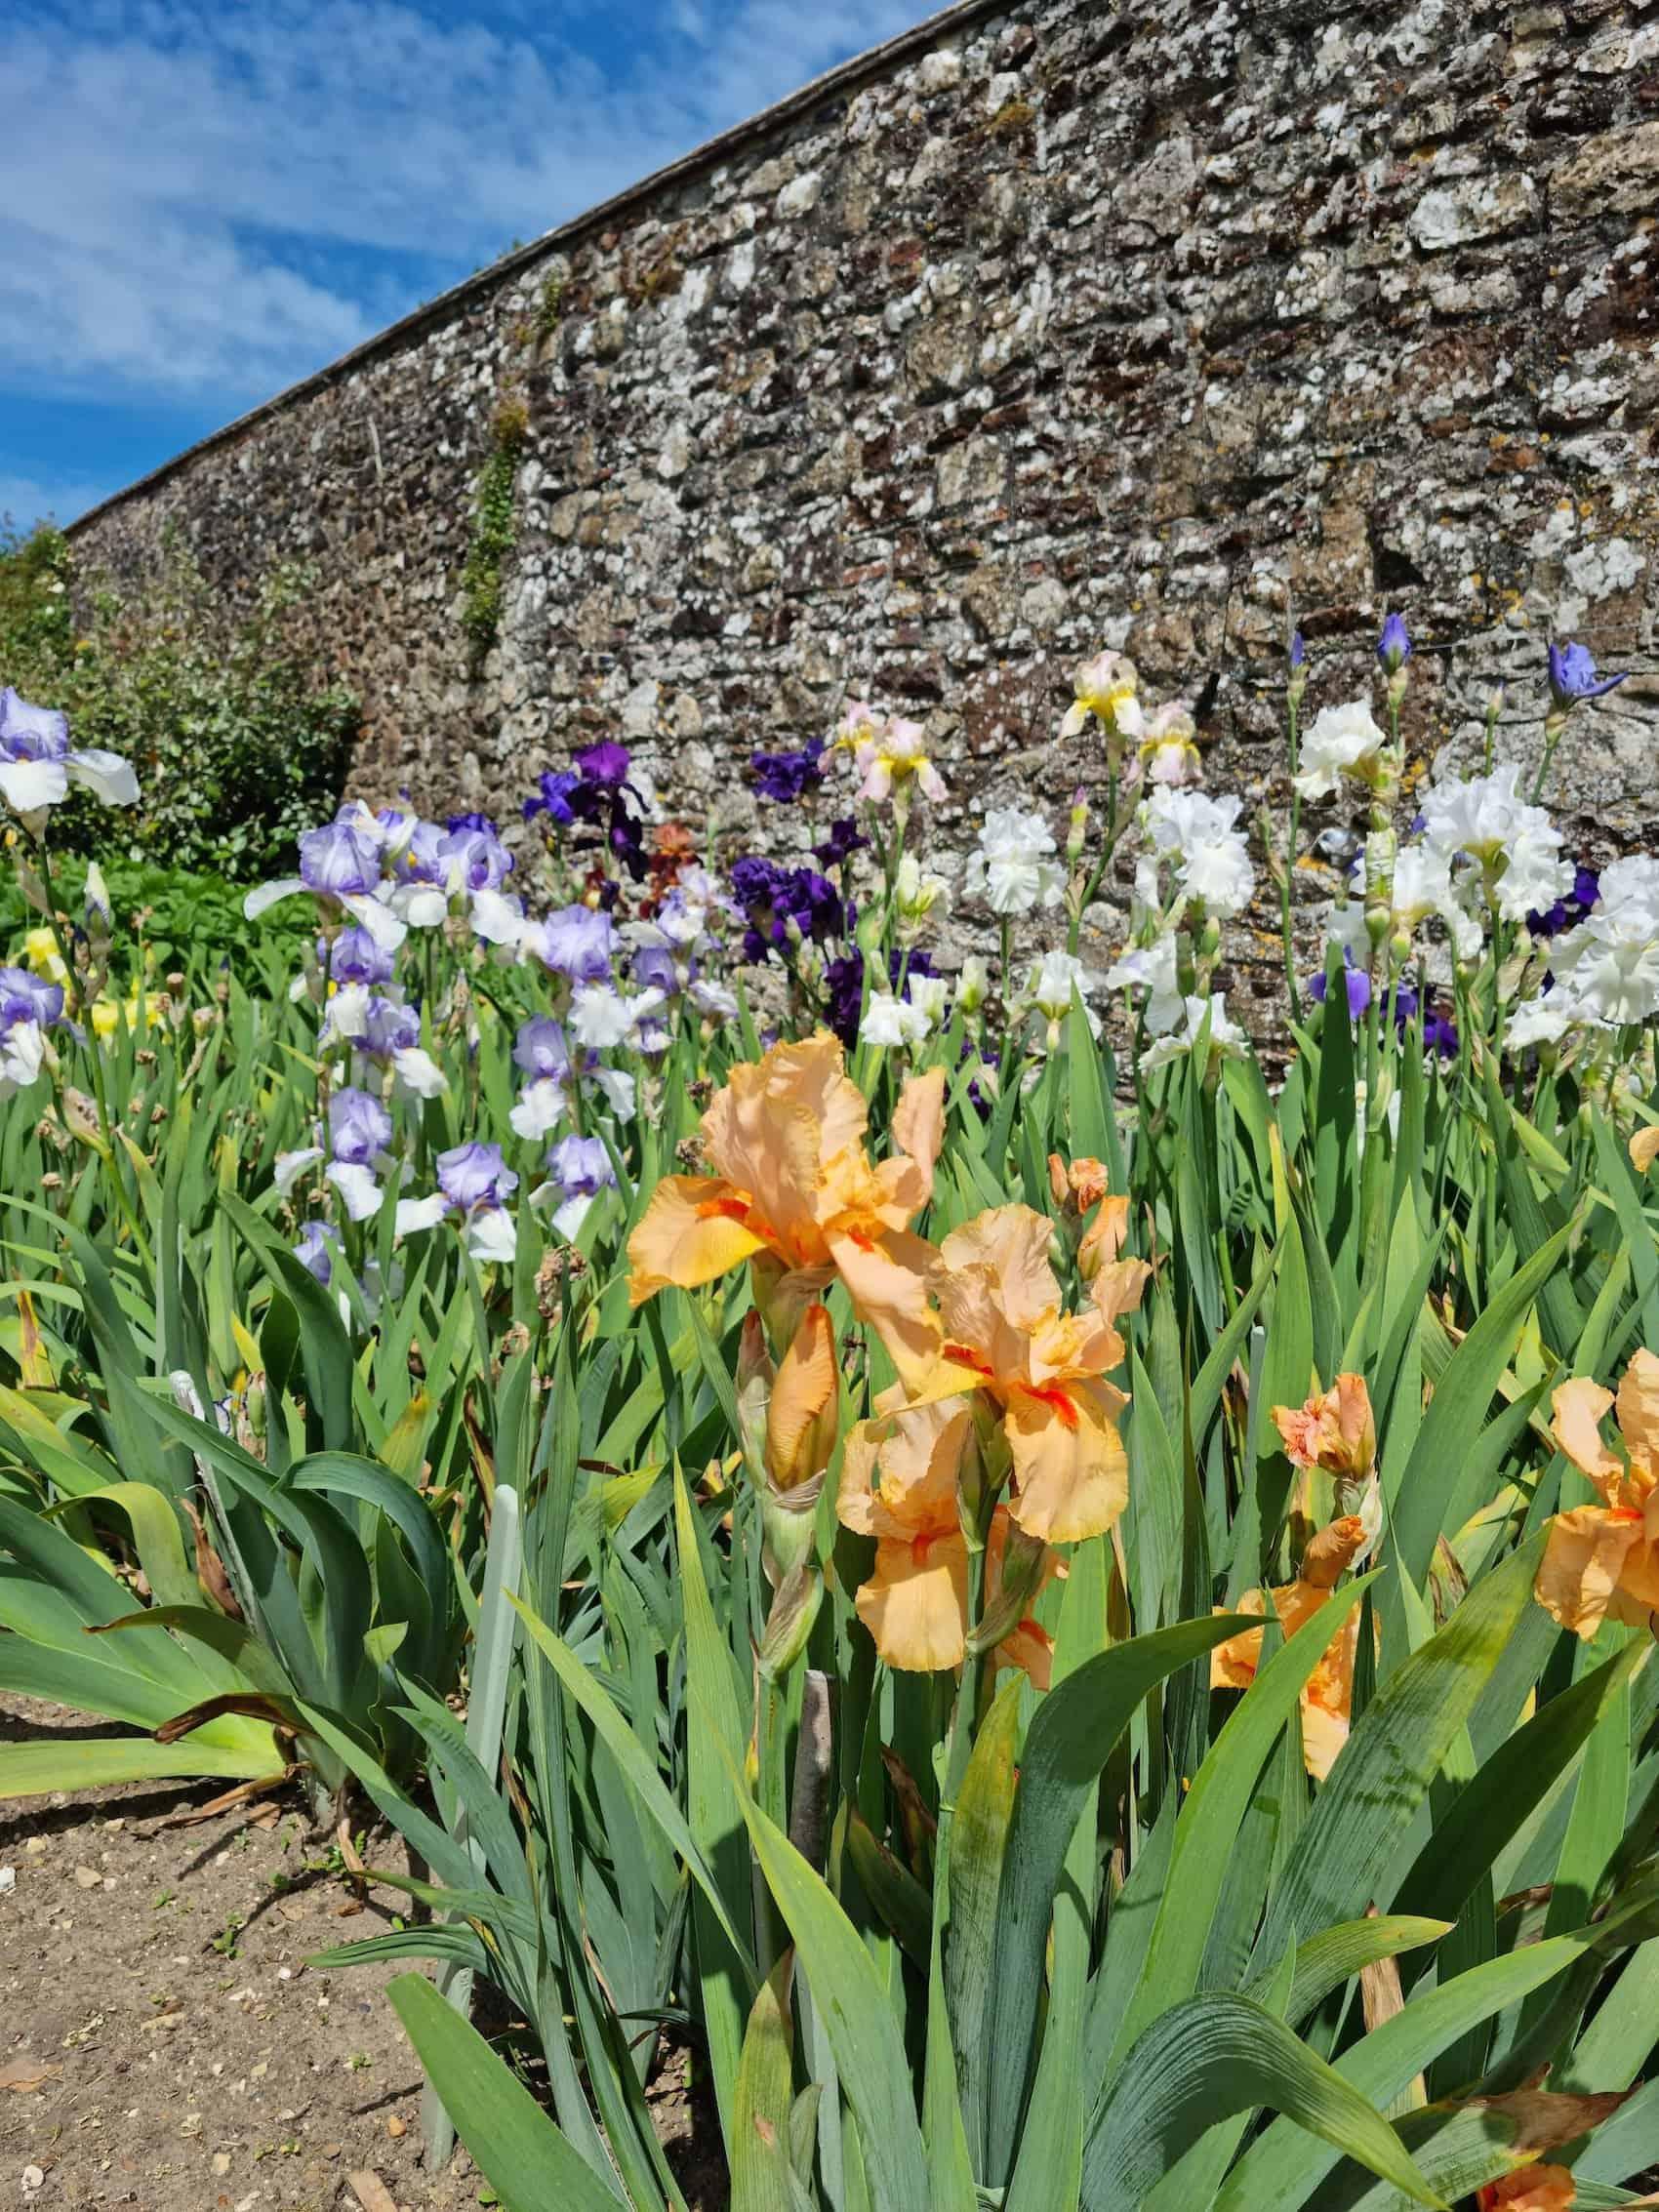 Irises in the Parham Walled Garden